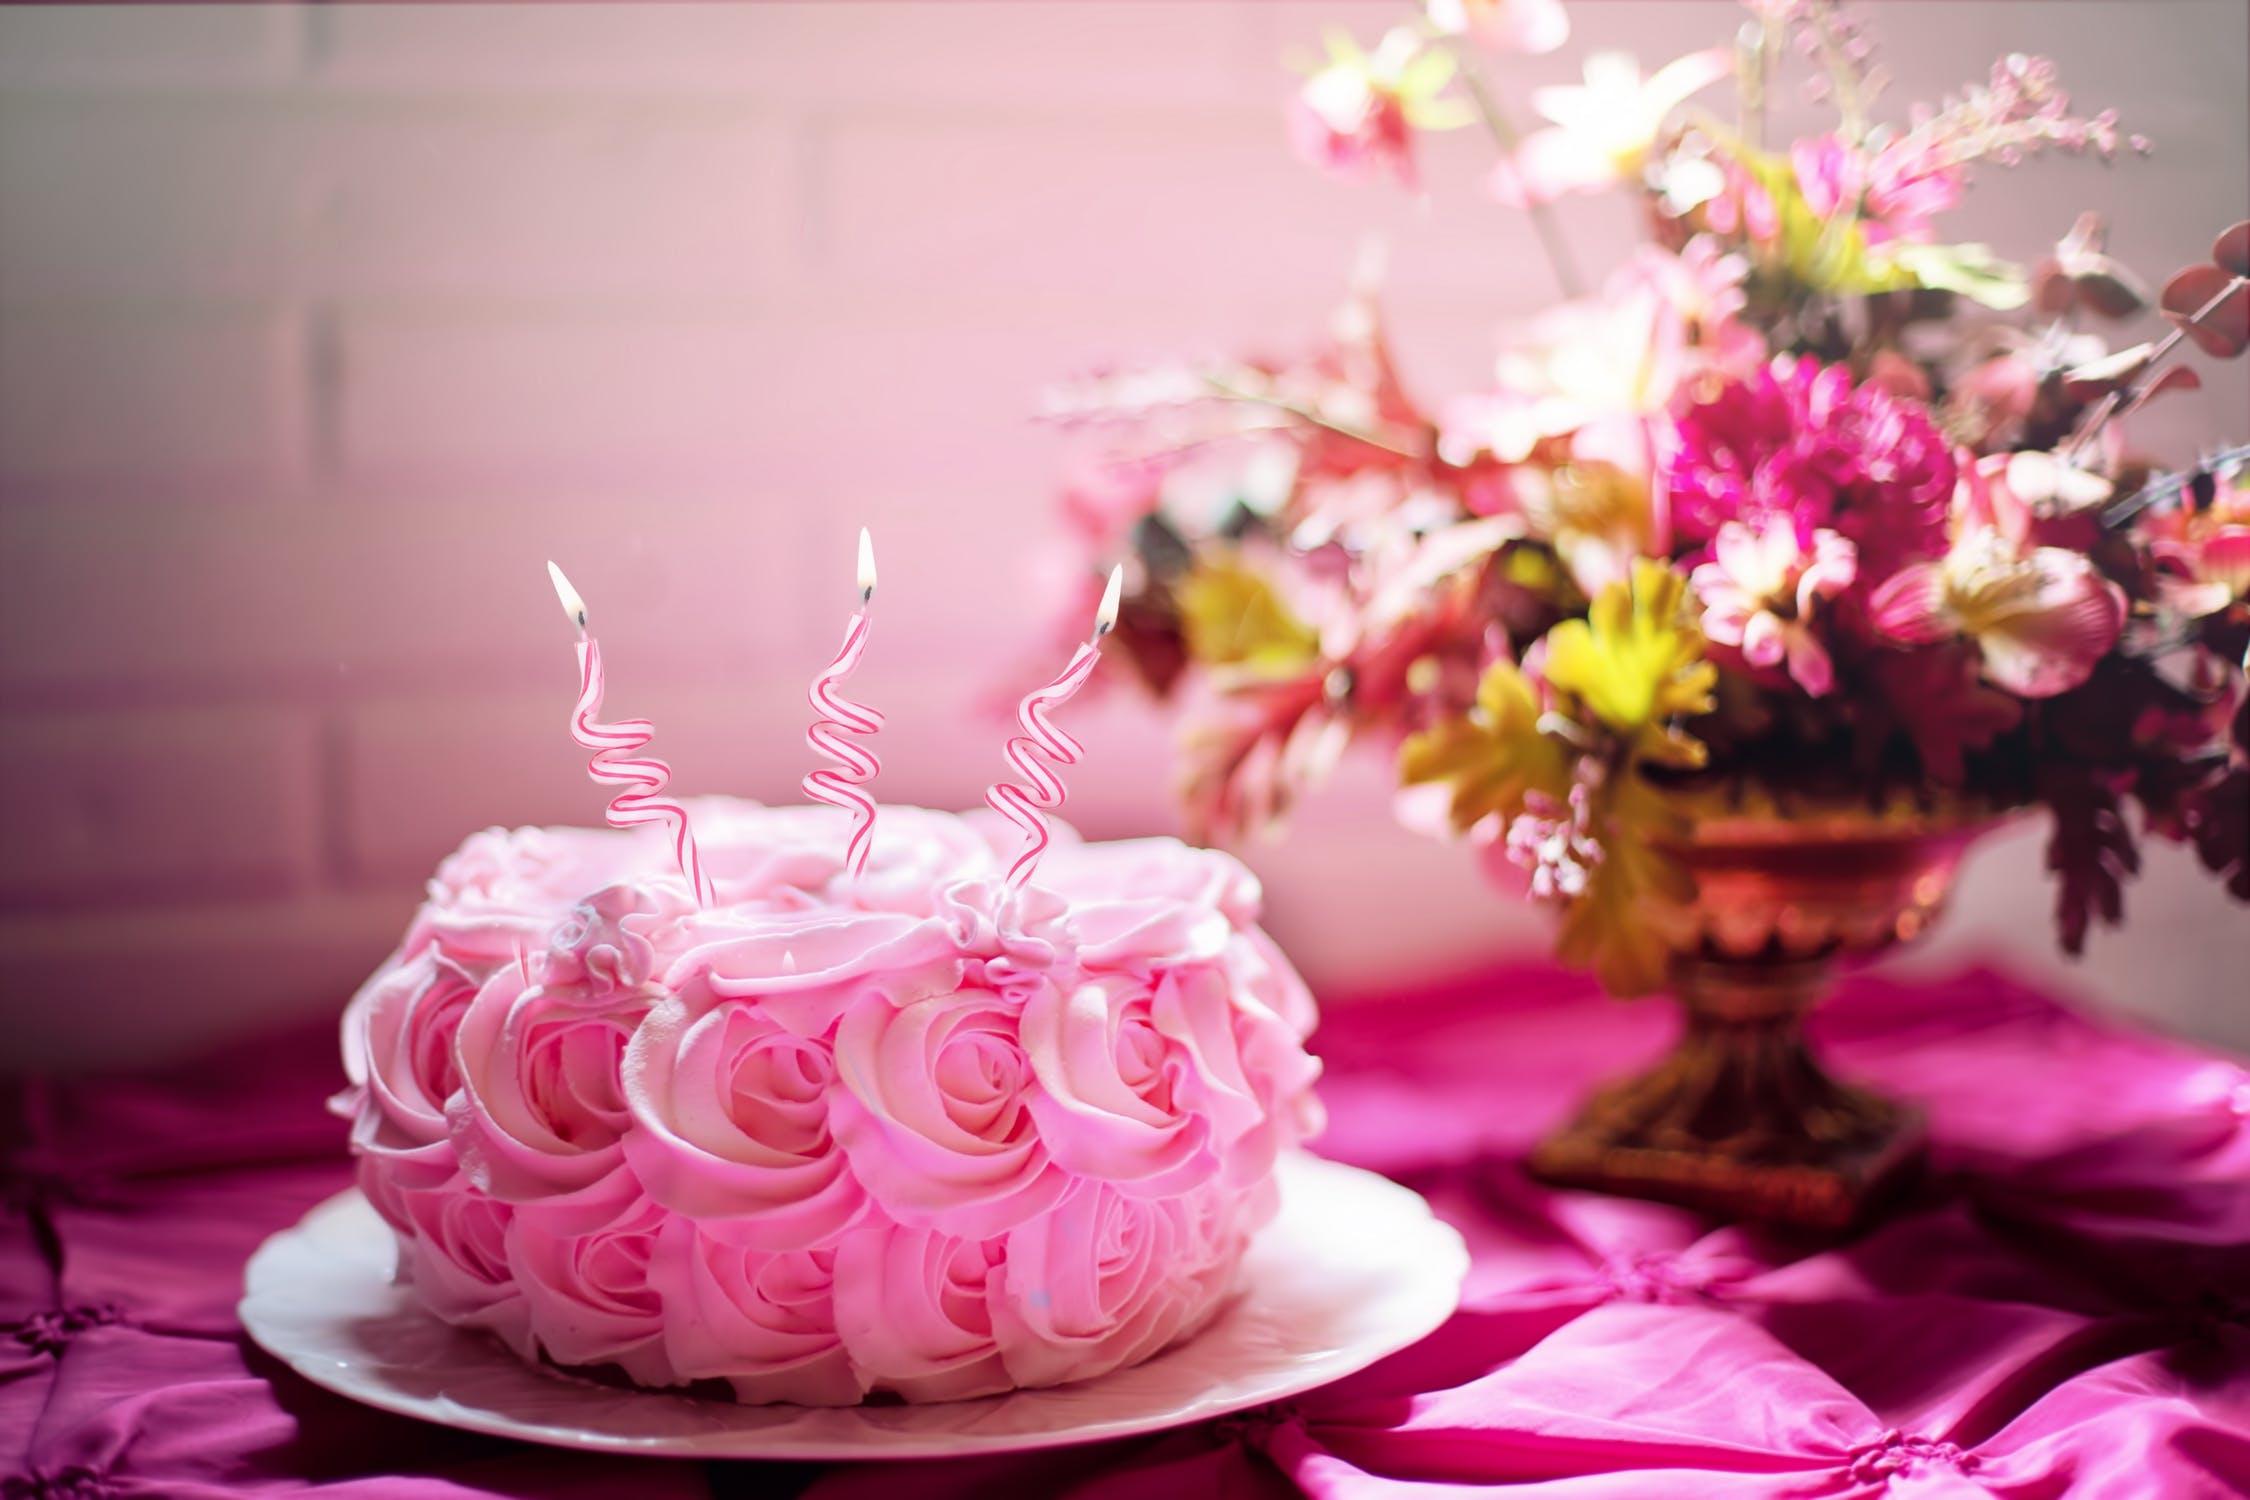 Fræk fødselsdagshilsen - Tillykke med fødselsdagen - Den